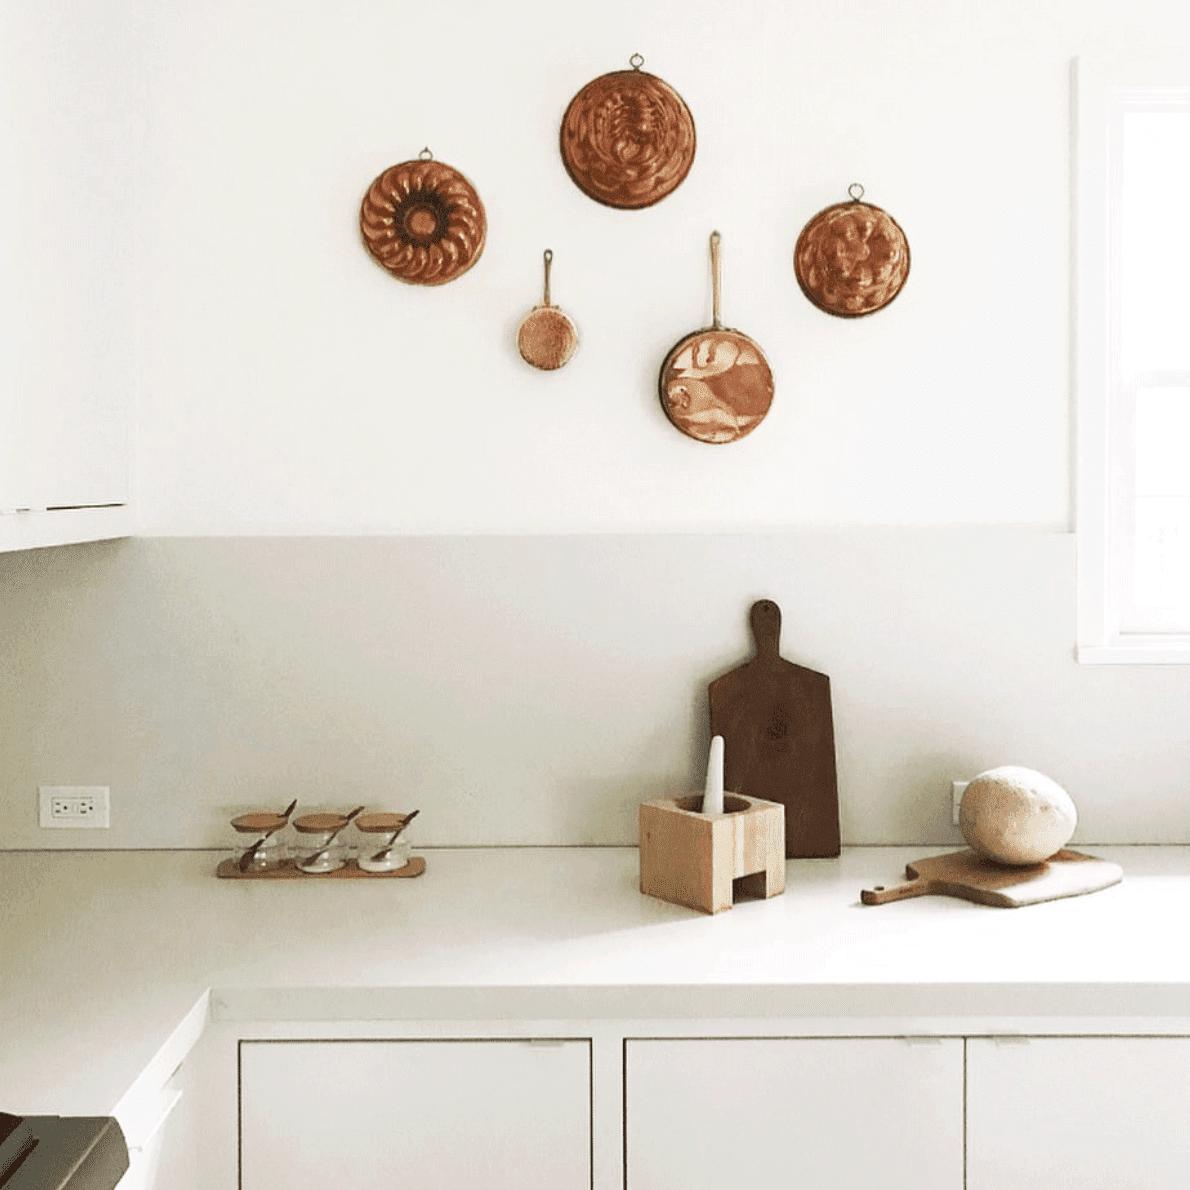 25 Beautiful Small Kitchen Ideas